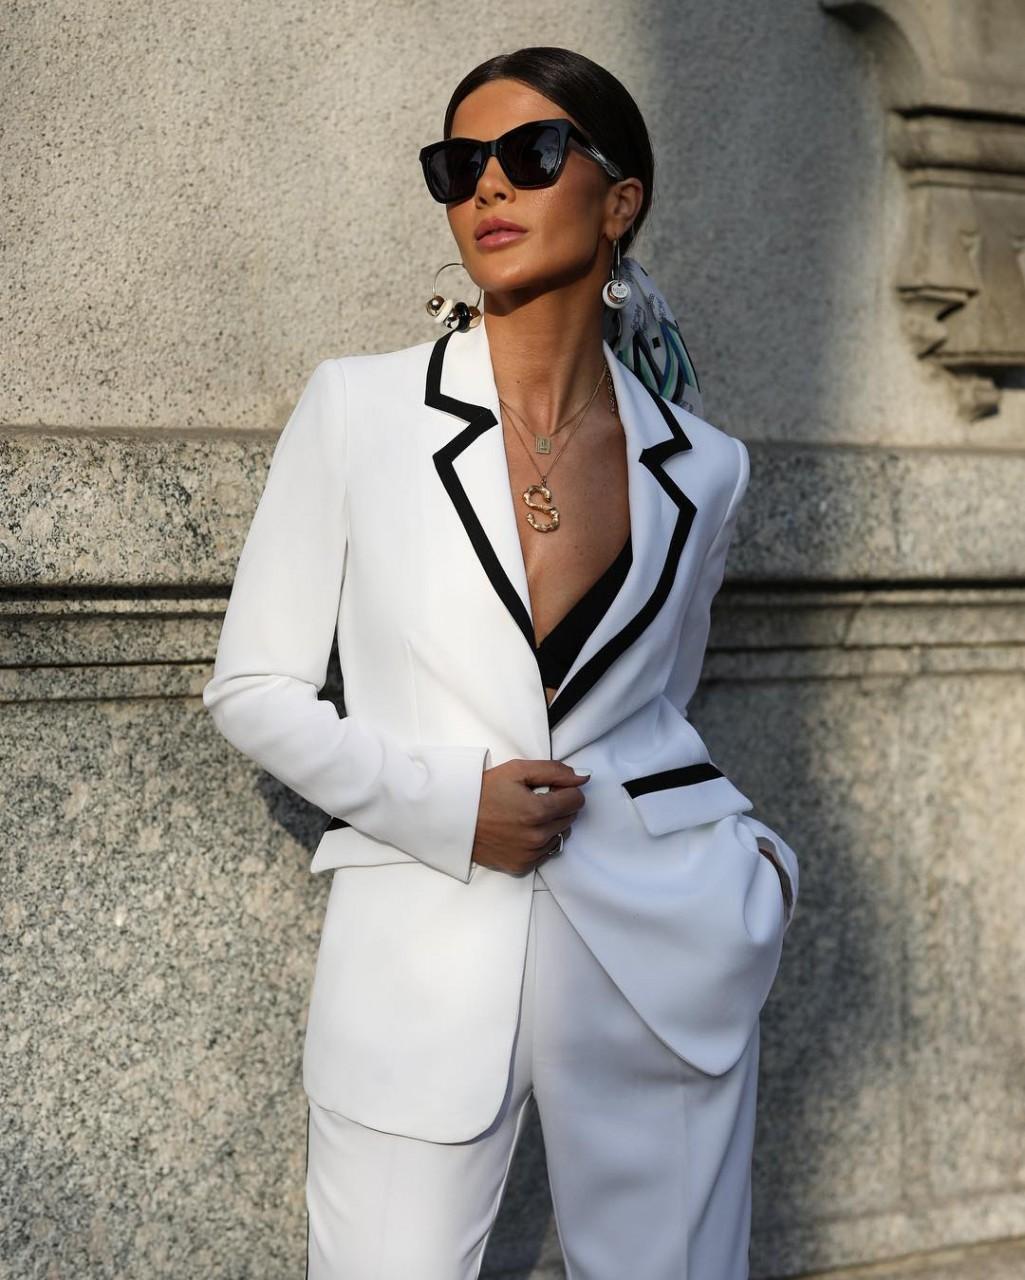 3a3638db9906 Итальянский стиль для женщин возраста за 40 2019-2020 — элегантные идеи для  модниц